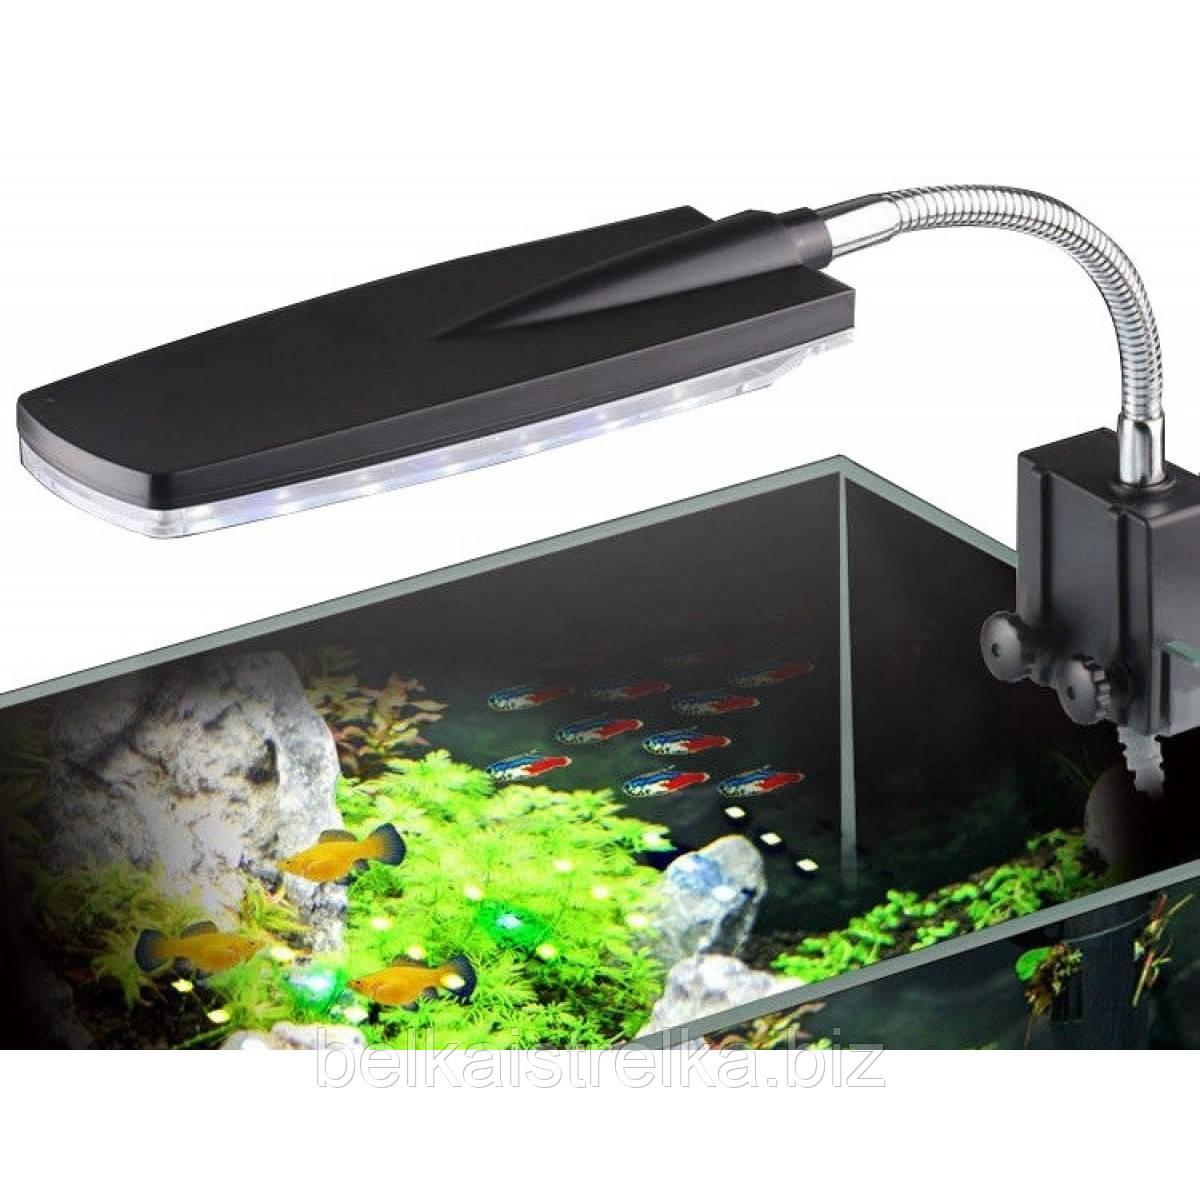 Світильник Sunsun AMD-D3 для акваріума, 5 Вт